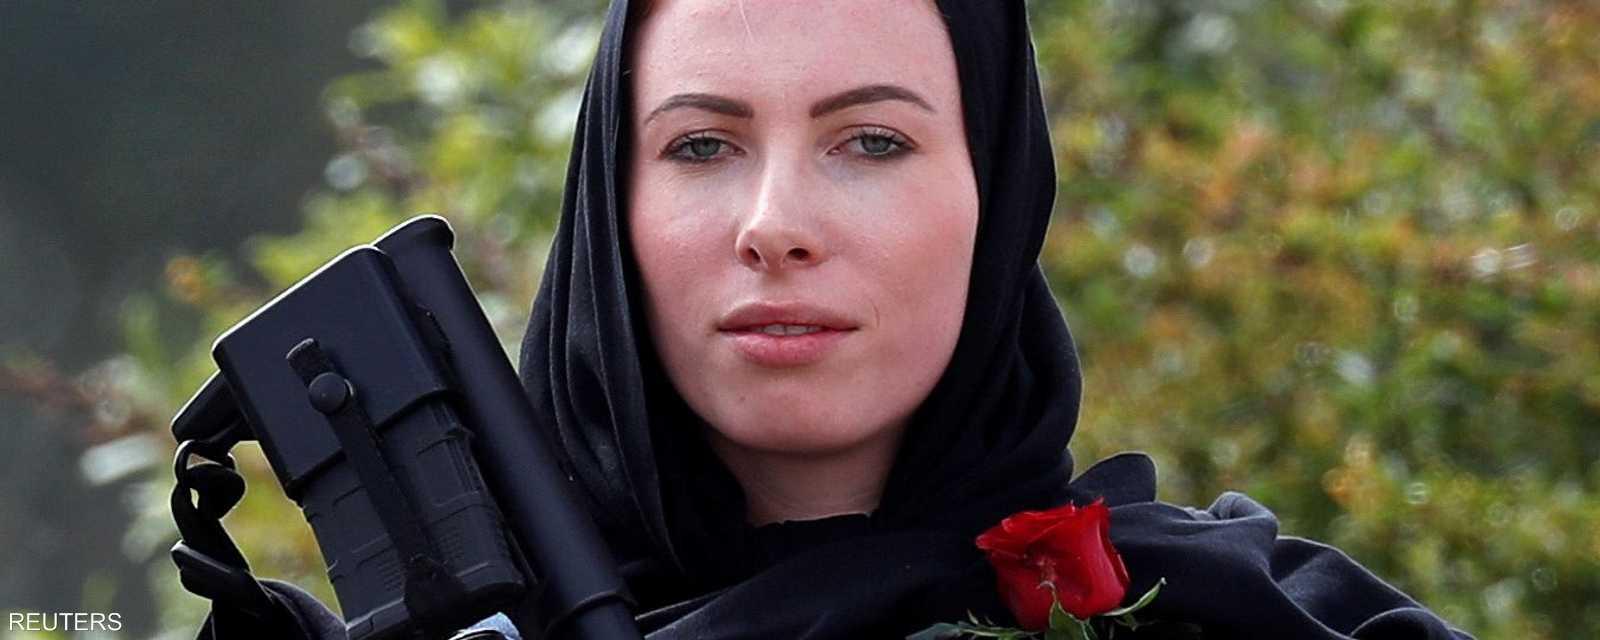 شرطية نيوزيلندية متضامنة مع ضحايا المذبحة